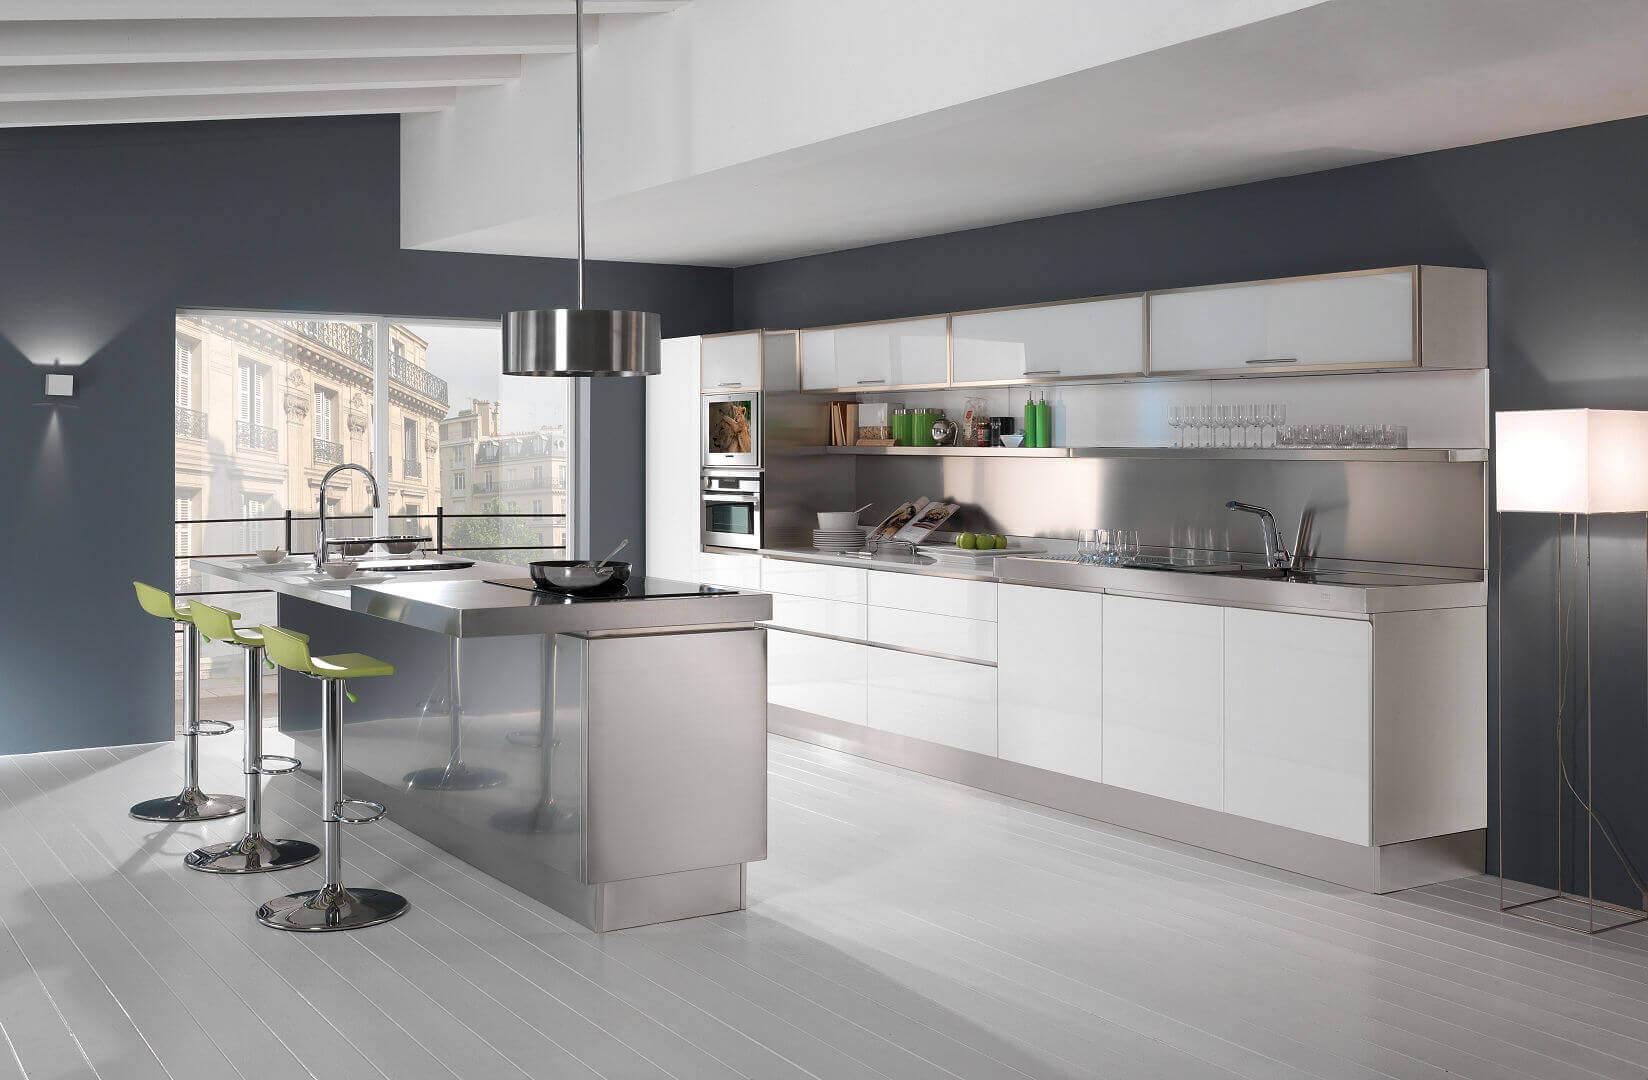 Trend arca cucine italia cucine in acciaio inox for Cucina italiana mobili